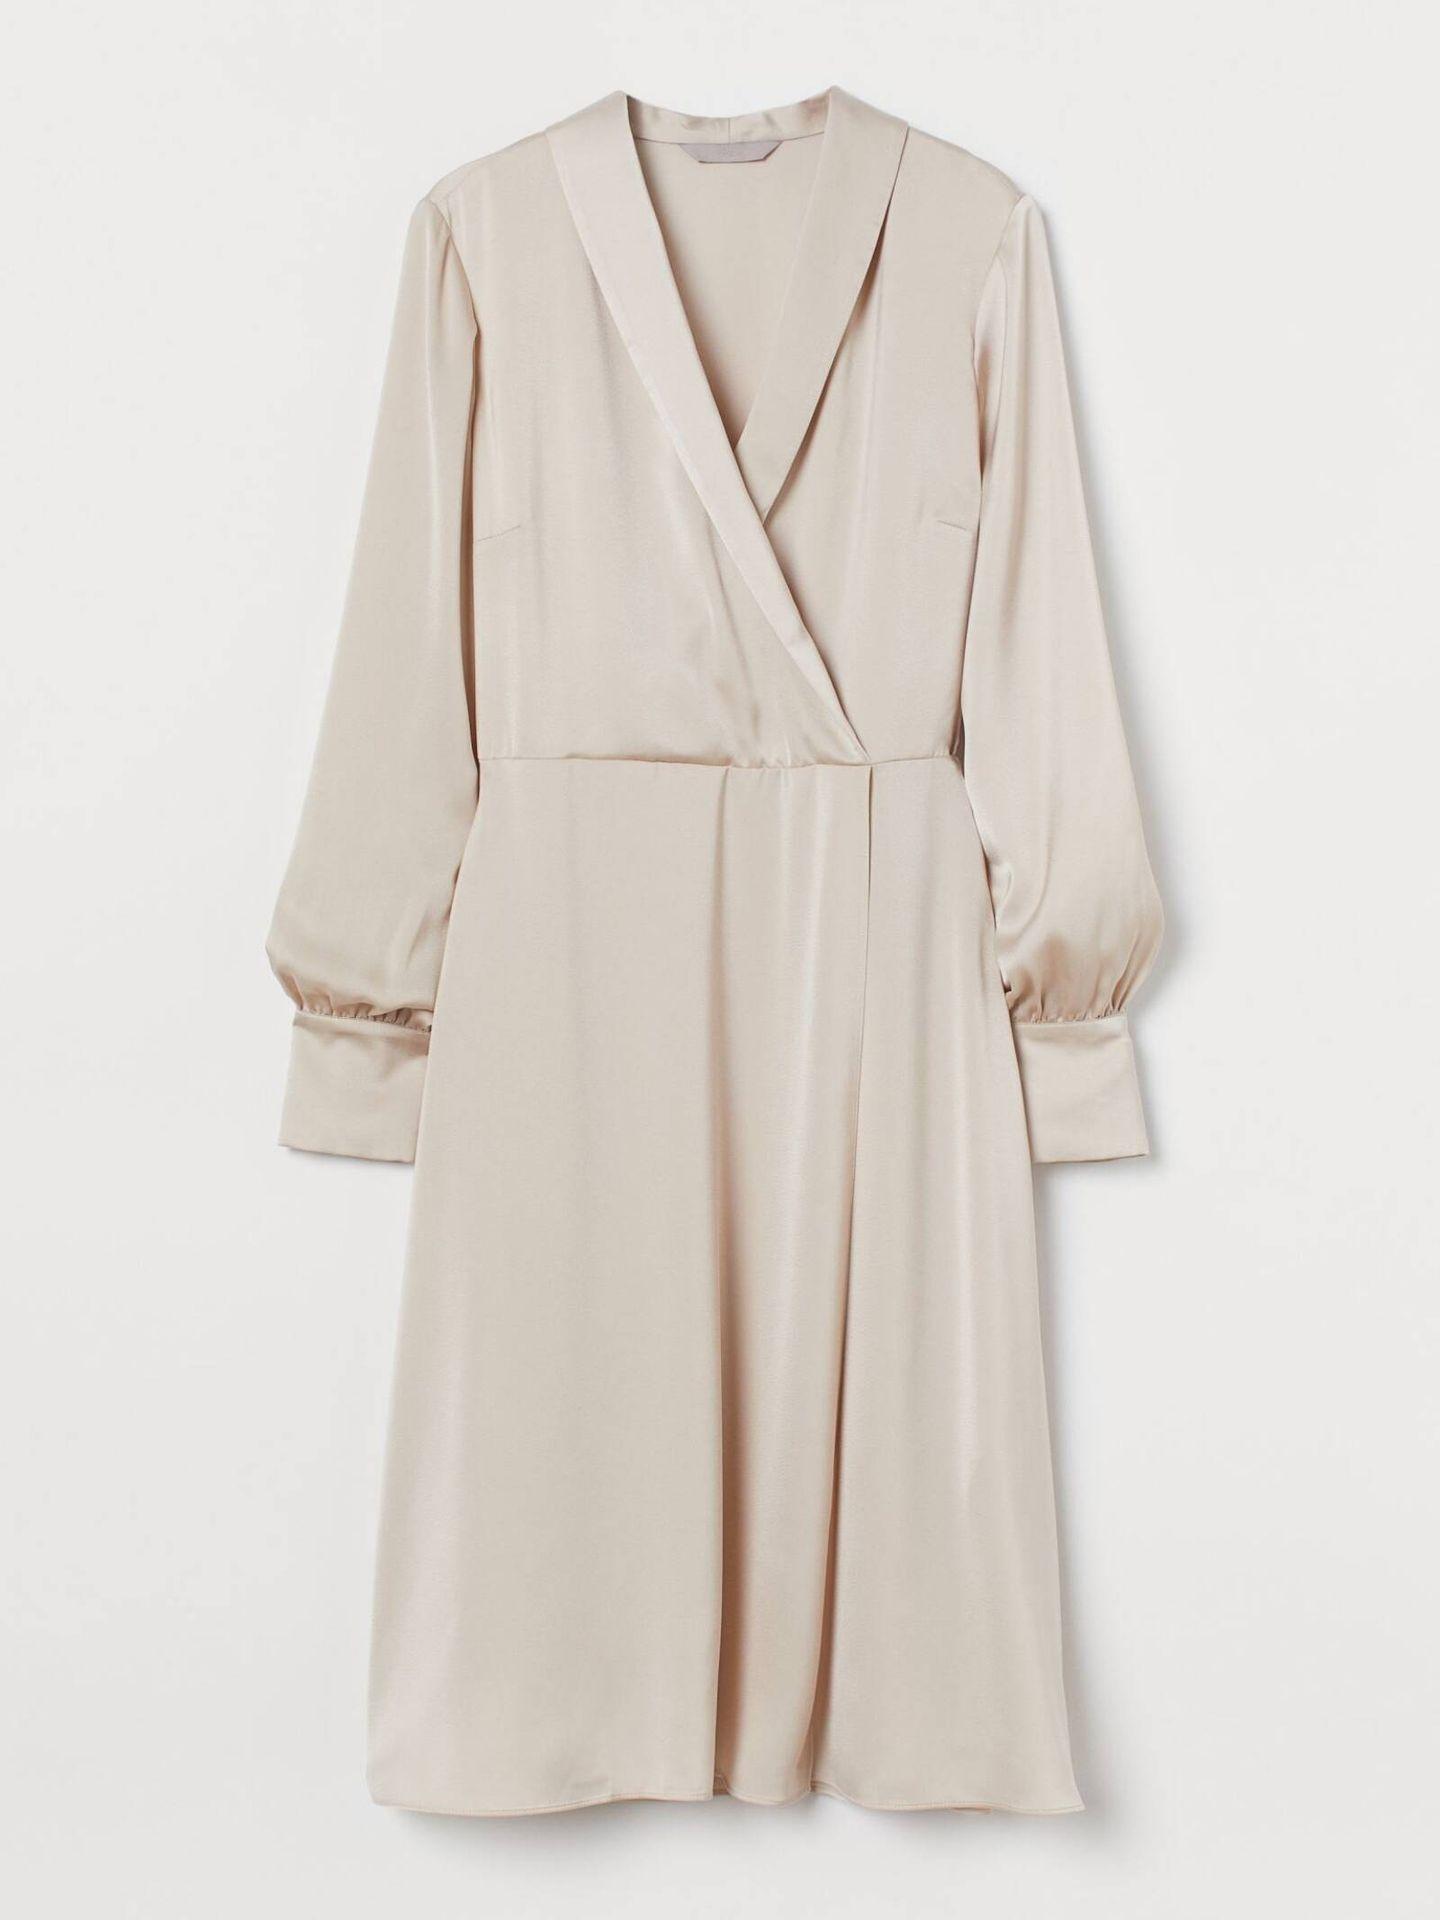 Vestido 'pale wrap dress' de HyM. (Cortesía)